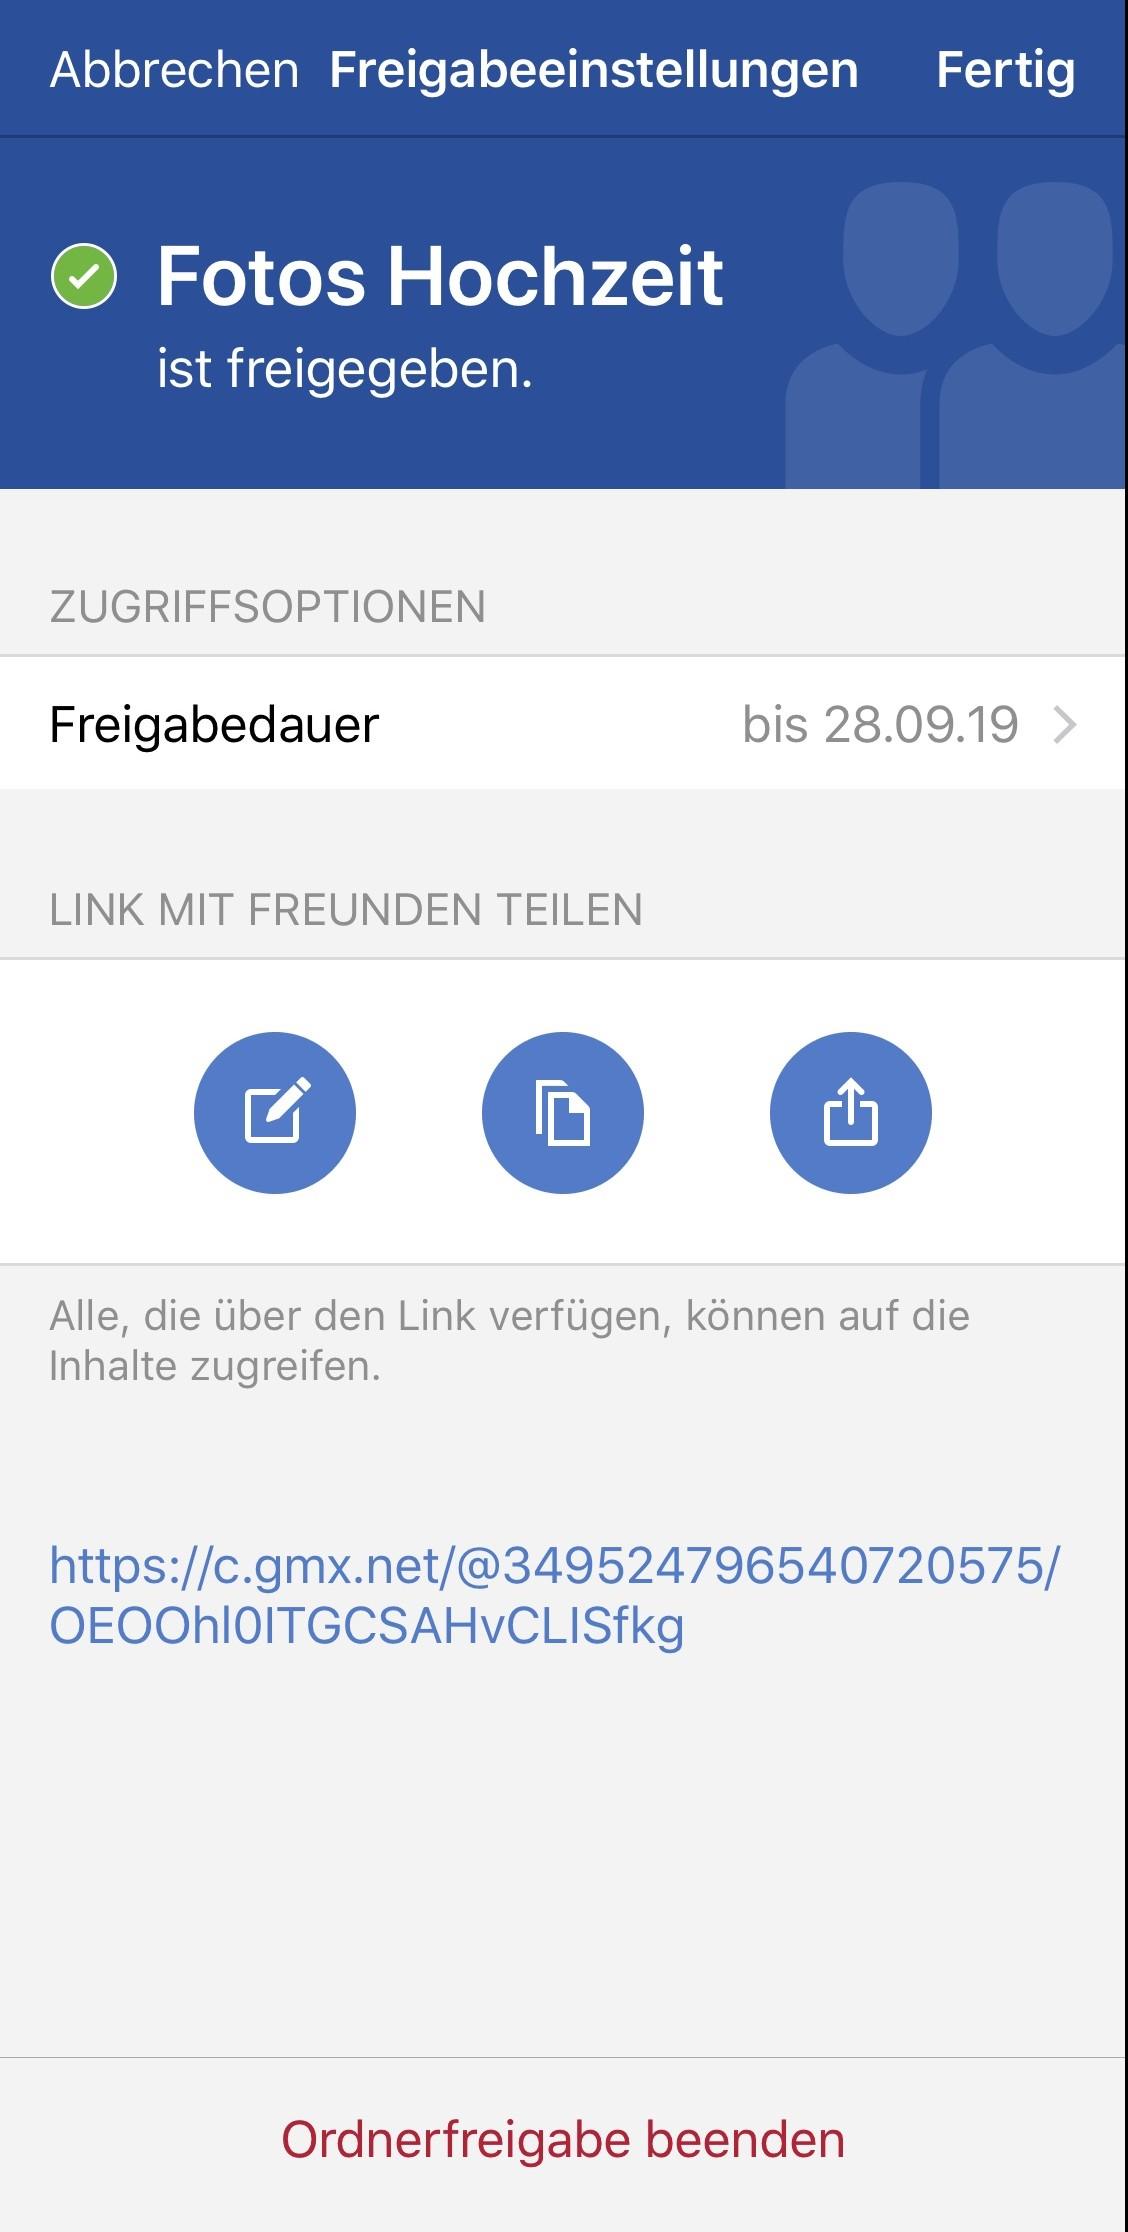 Ordner-Freigaben lassen sich in der GMX Mail App genau konfigurieren. (c) GMX